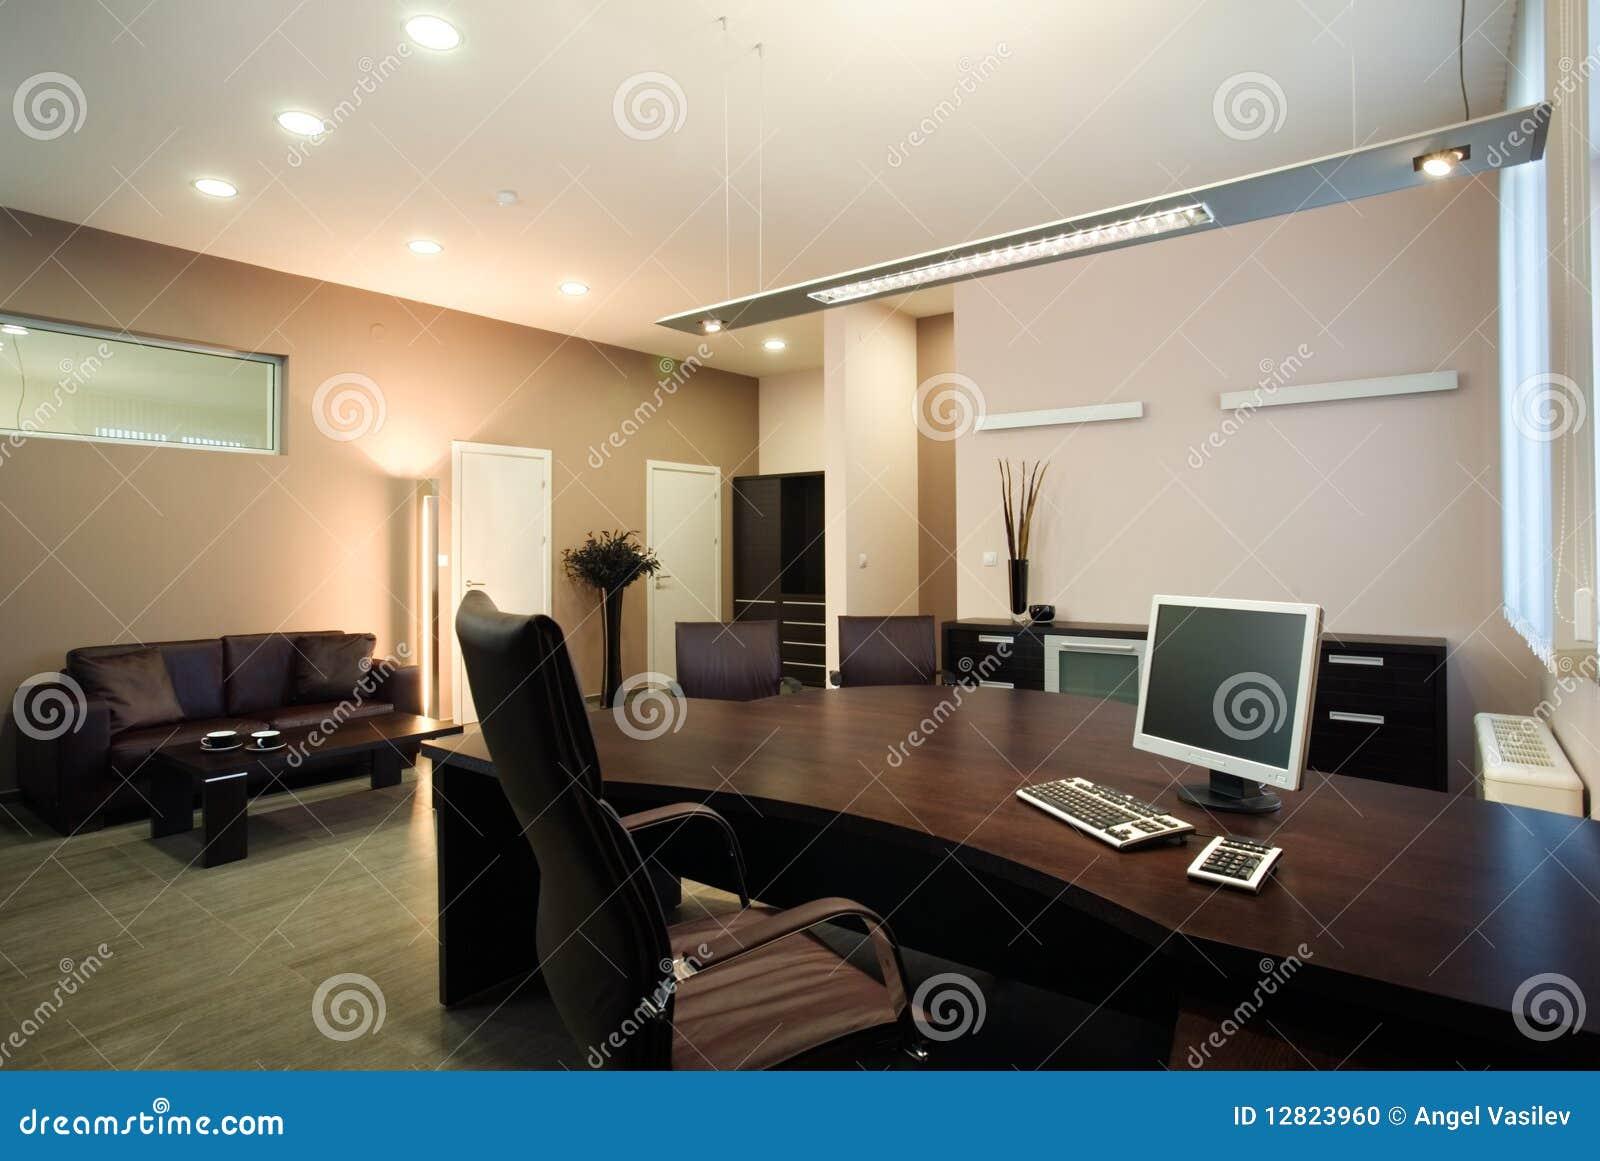 Ufficio Di Lusso : Disegno interno dell ufficio elegante e di lusso fotografia stock